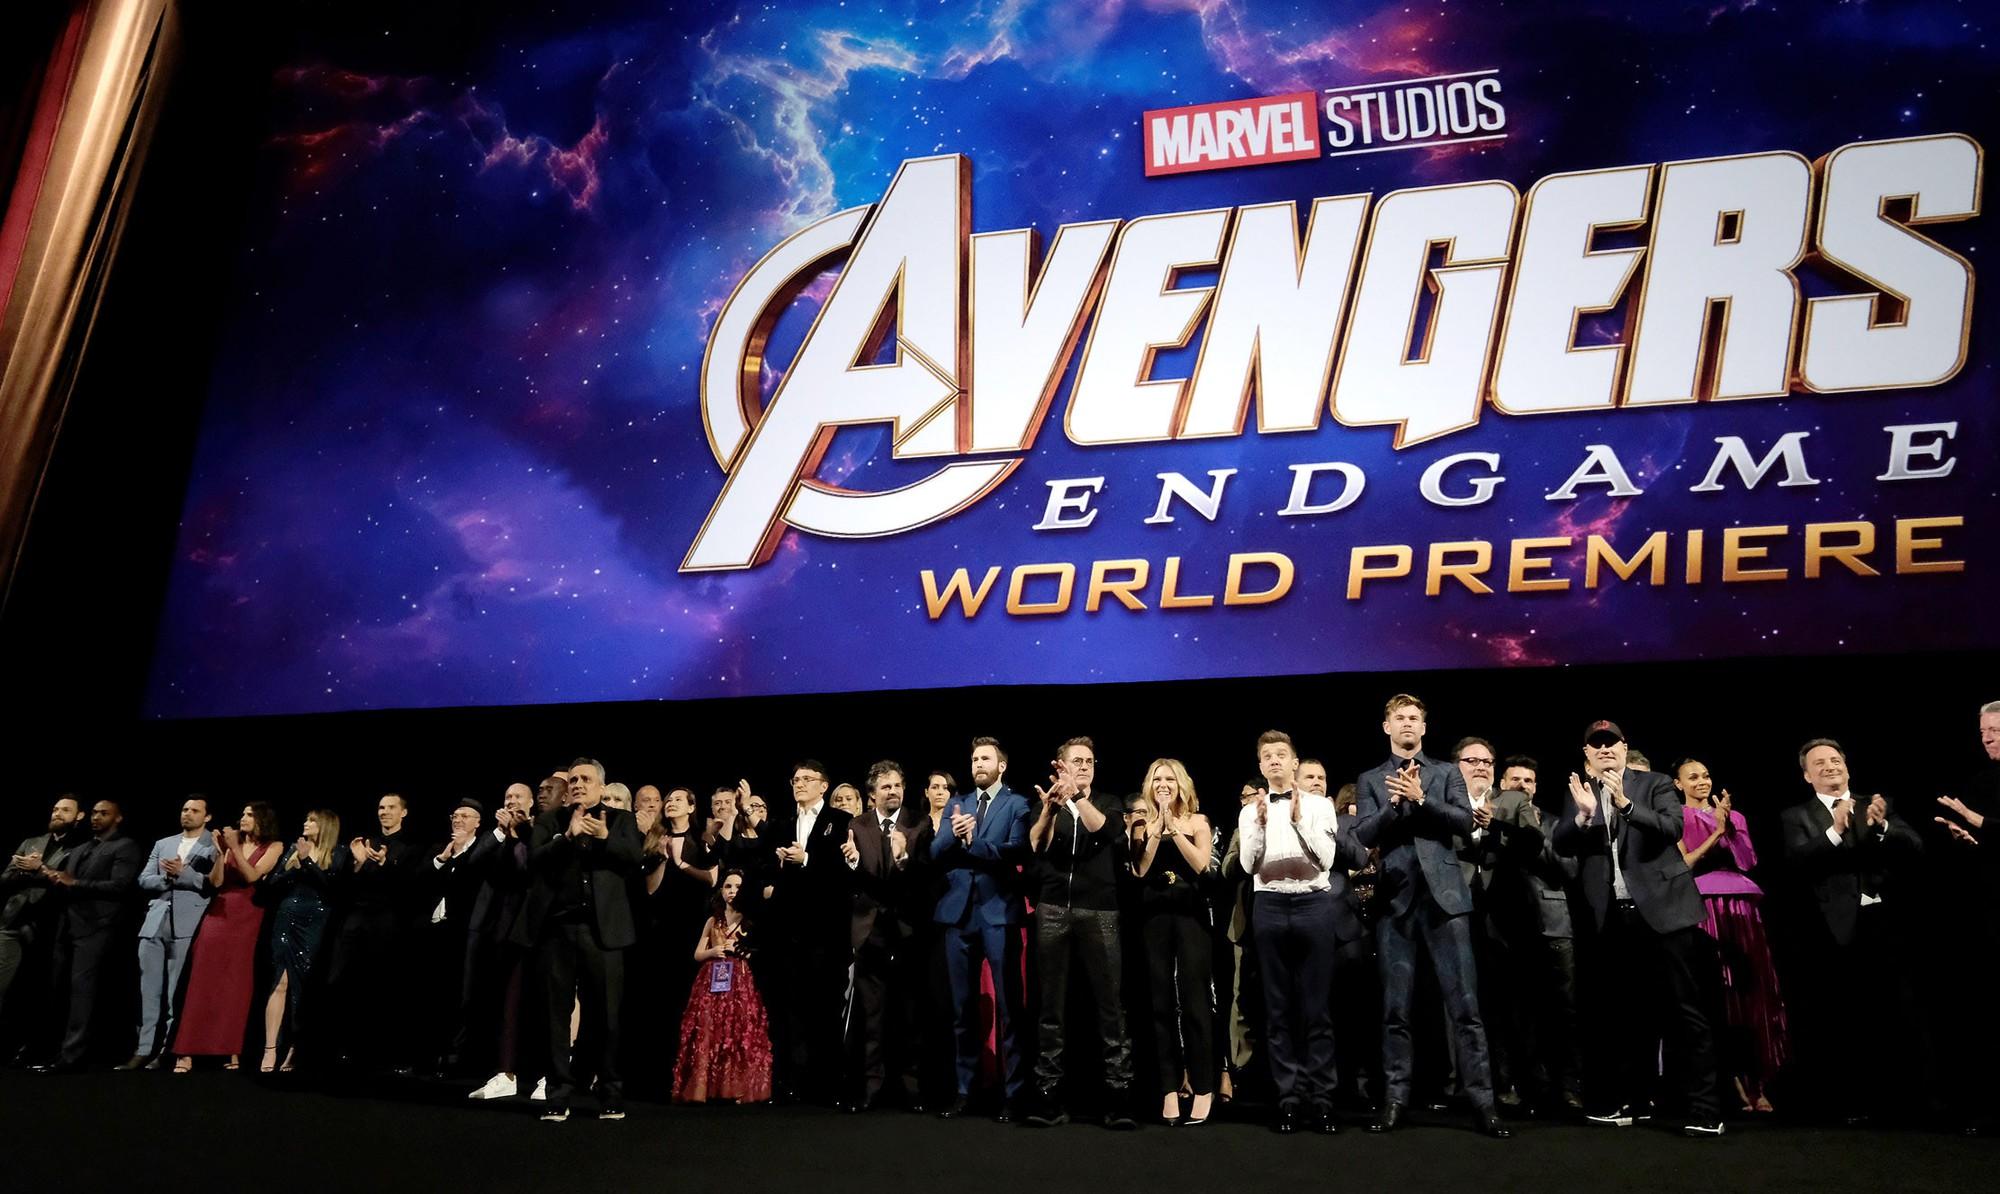 Review Avengers: Endgame - Bản anh hùng ca khép lại một kỷ nguyên huy hoàng của Marvel và hơn thế nữa… - Ảnh 4.